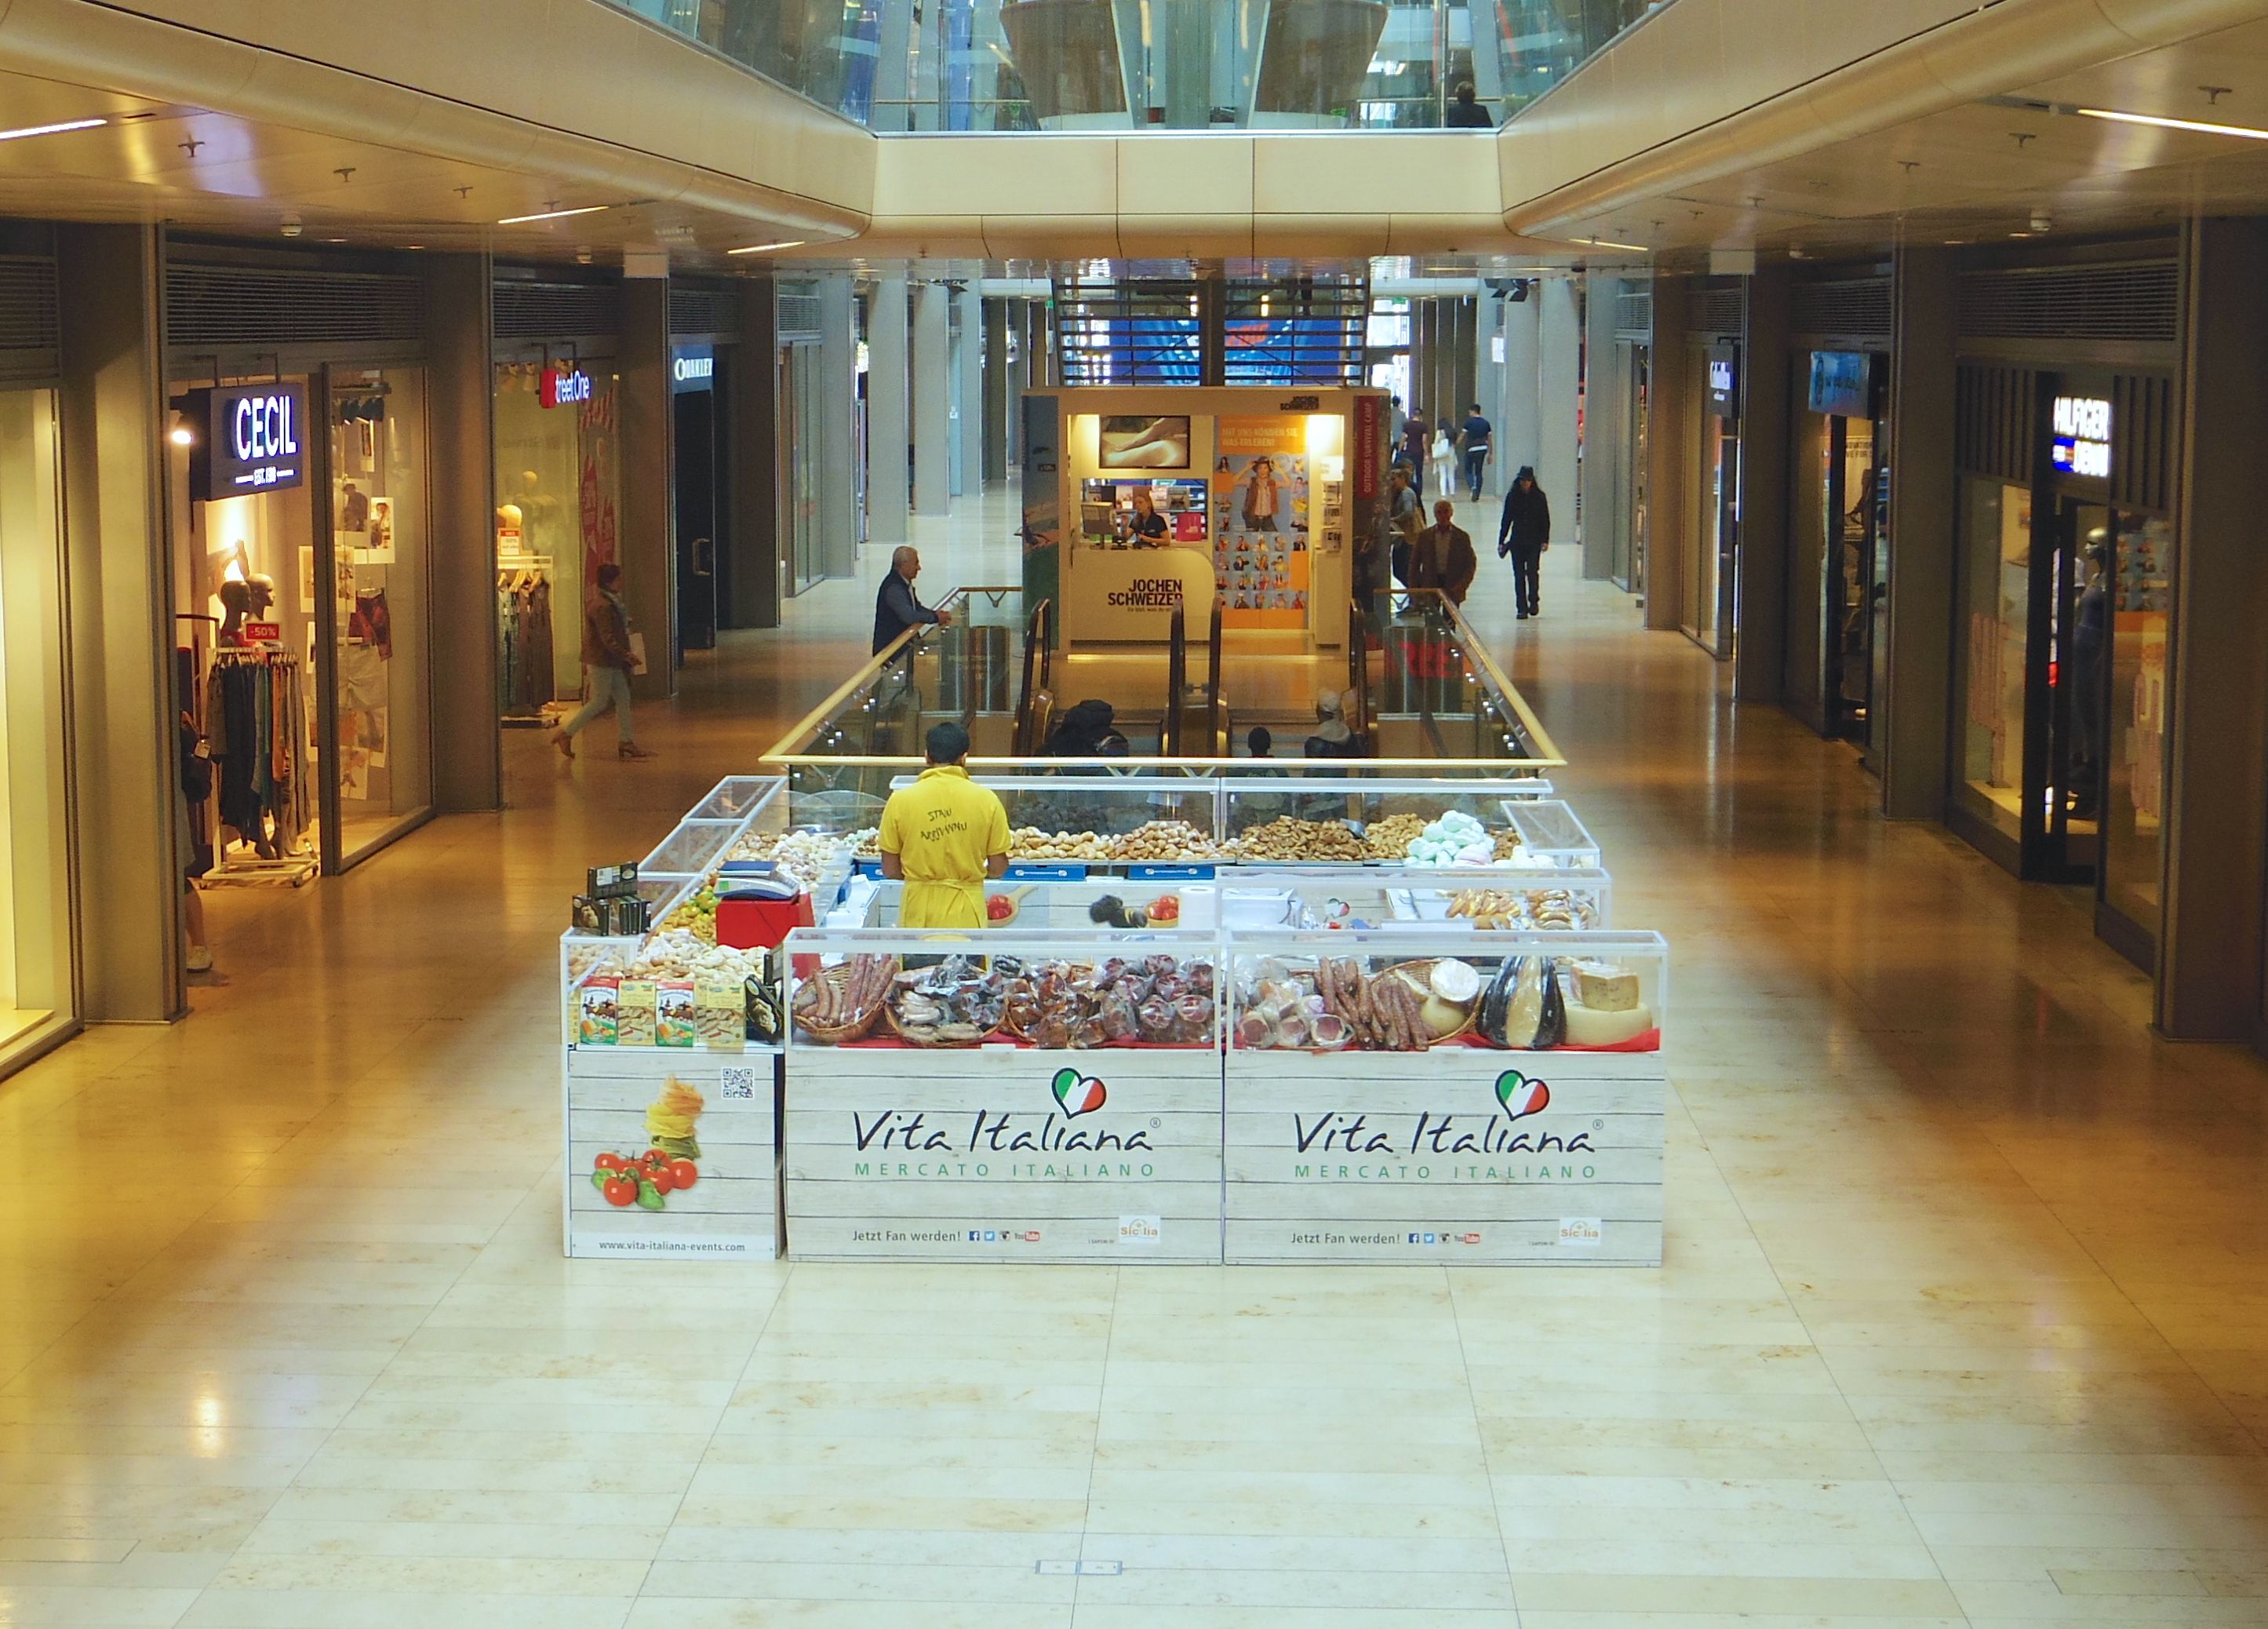 Die Vita Italiana Ausstellung bei uns in der #EuropaPassage #EuropaPassageHamburg #Italien #Hamburg